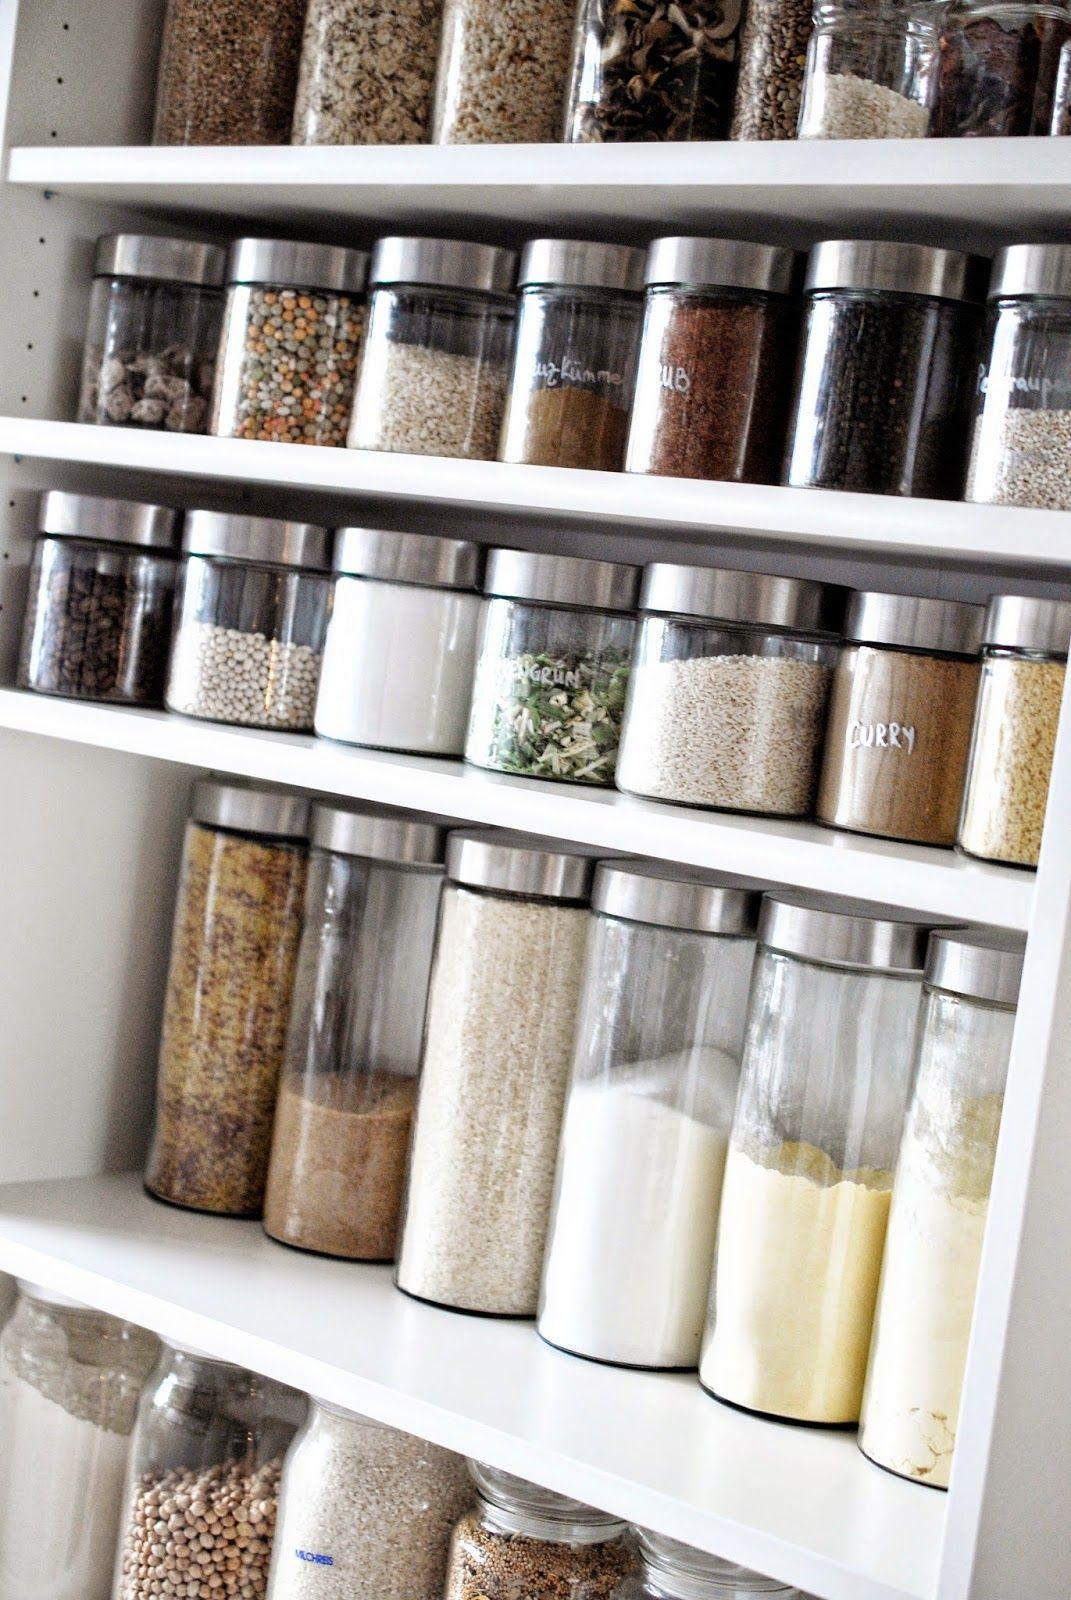 Küche Organisieren iby lippold haushaltstipps vorratsschrank organisieren organize